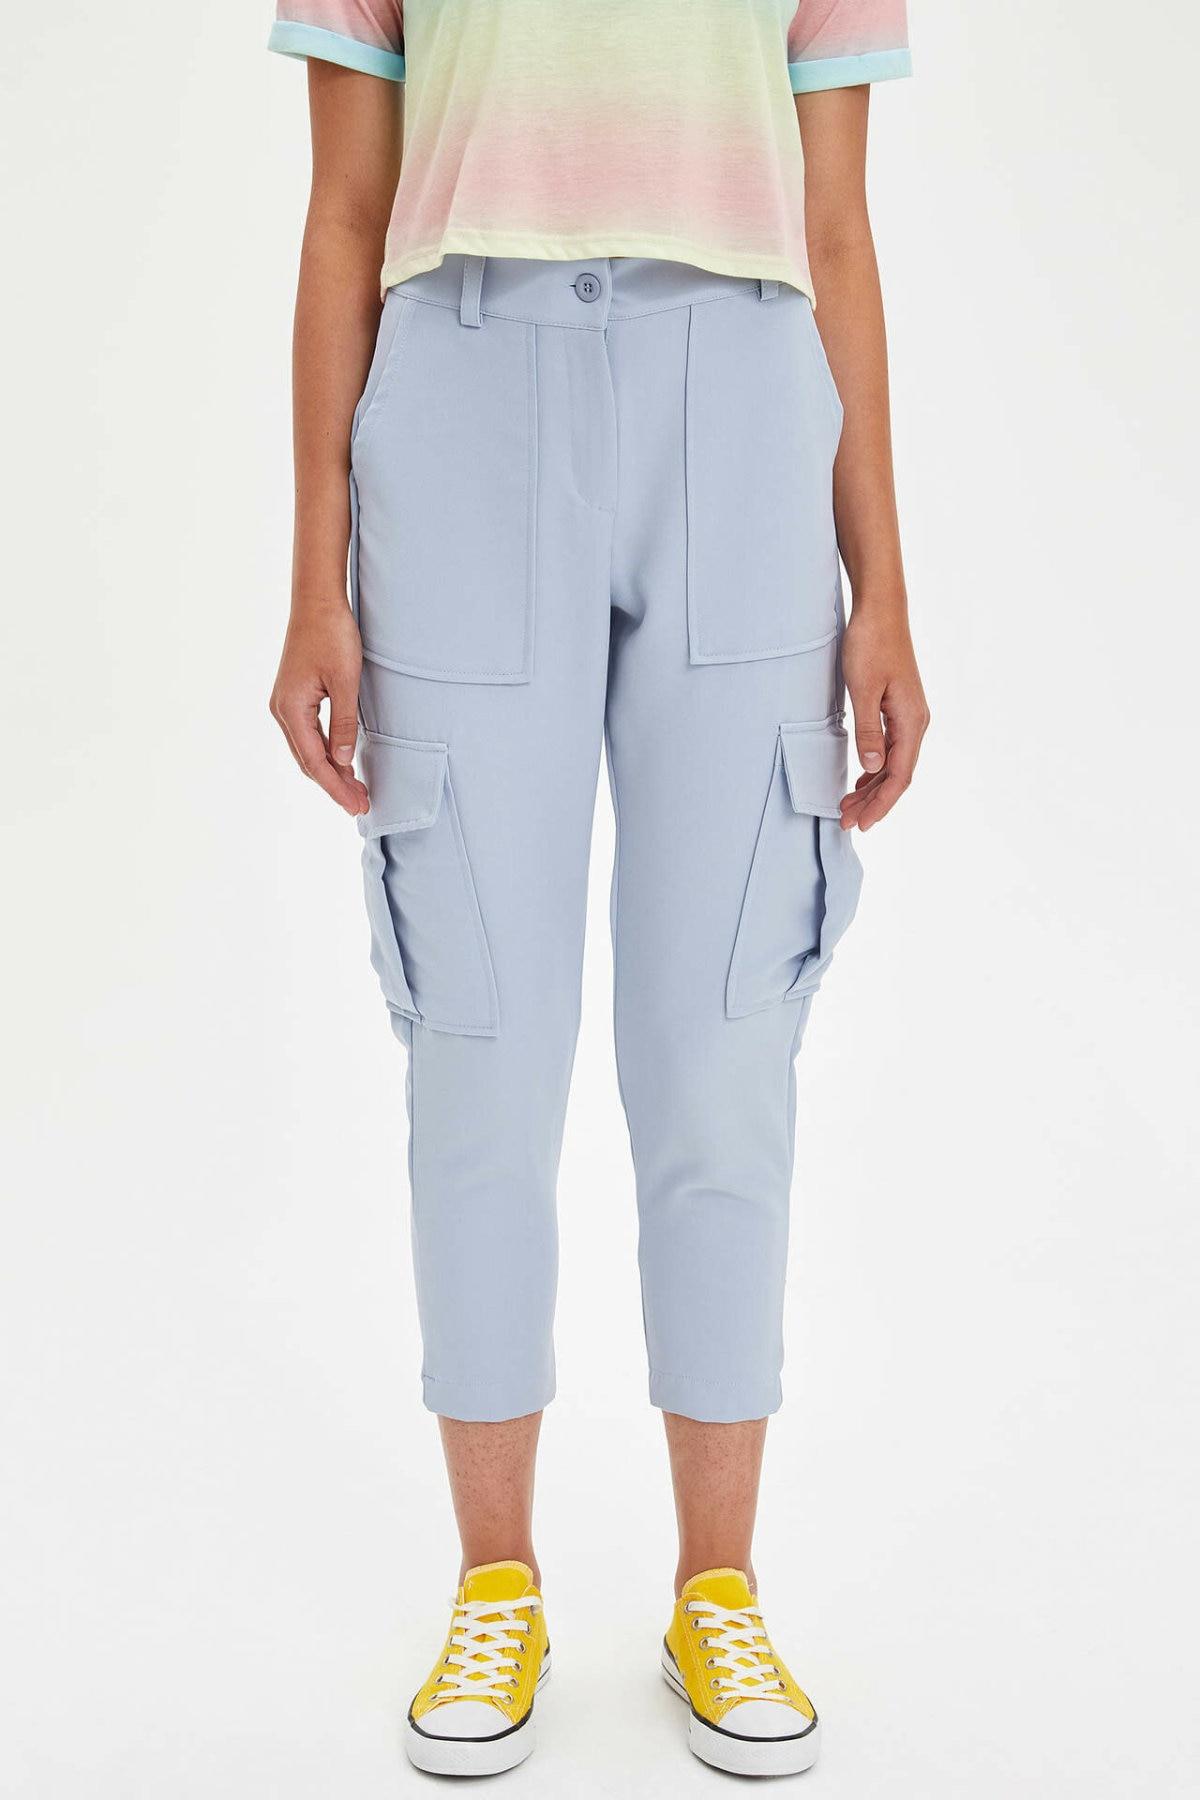 DeFacto Woman Summer Solid Color Long Pants Women Cargo Pants Female Blue Pink Bottoms Lady Trousers-L3541AZ19SM